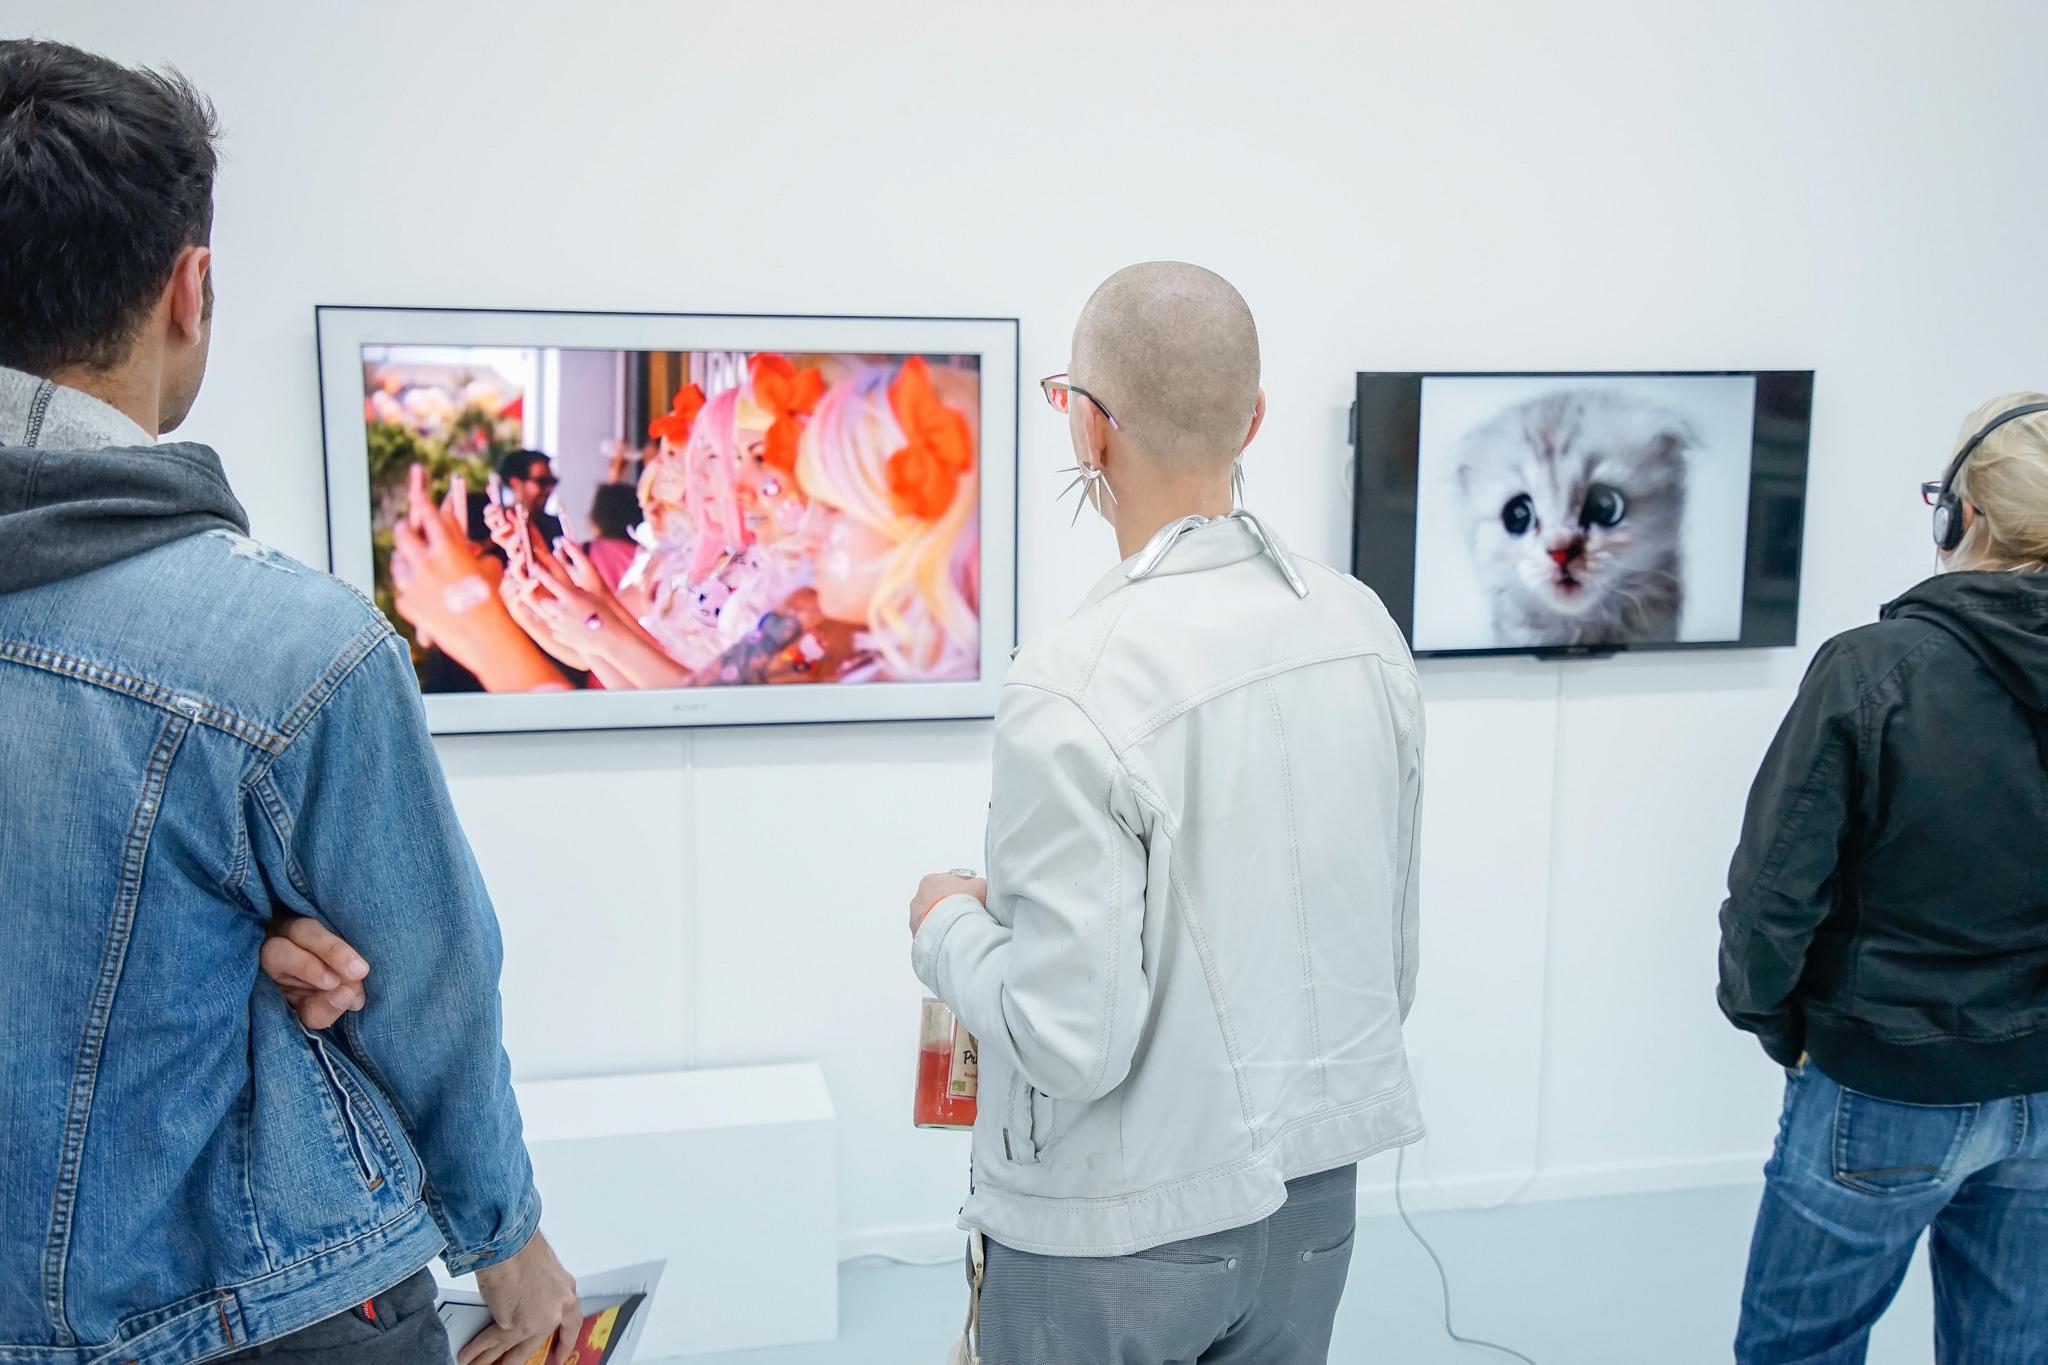 Porn to Pizza, Gruppenausstellung, kuratiert von Tina Sauerländer, 2015, Preview